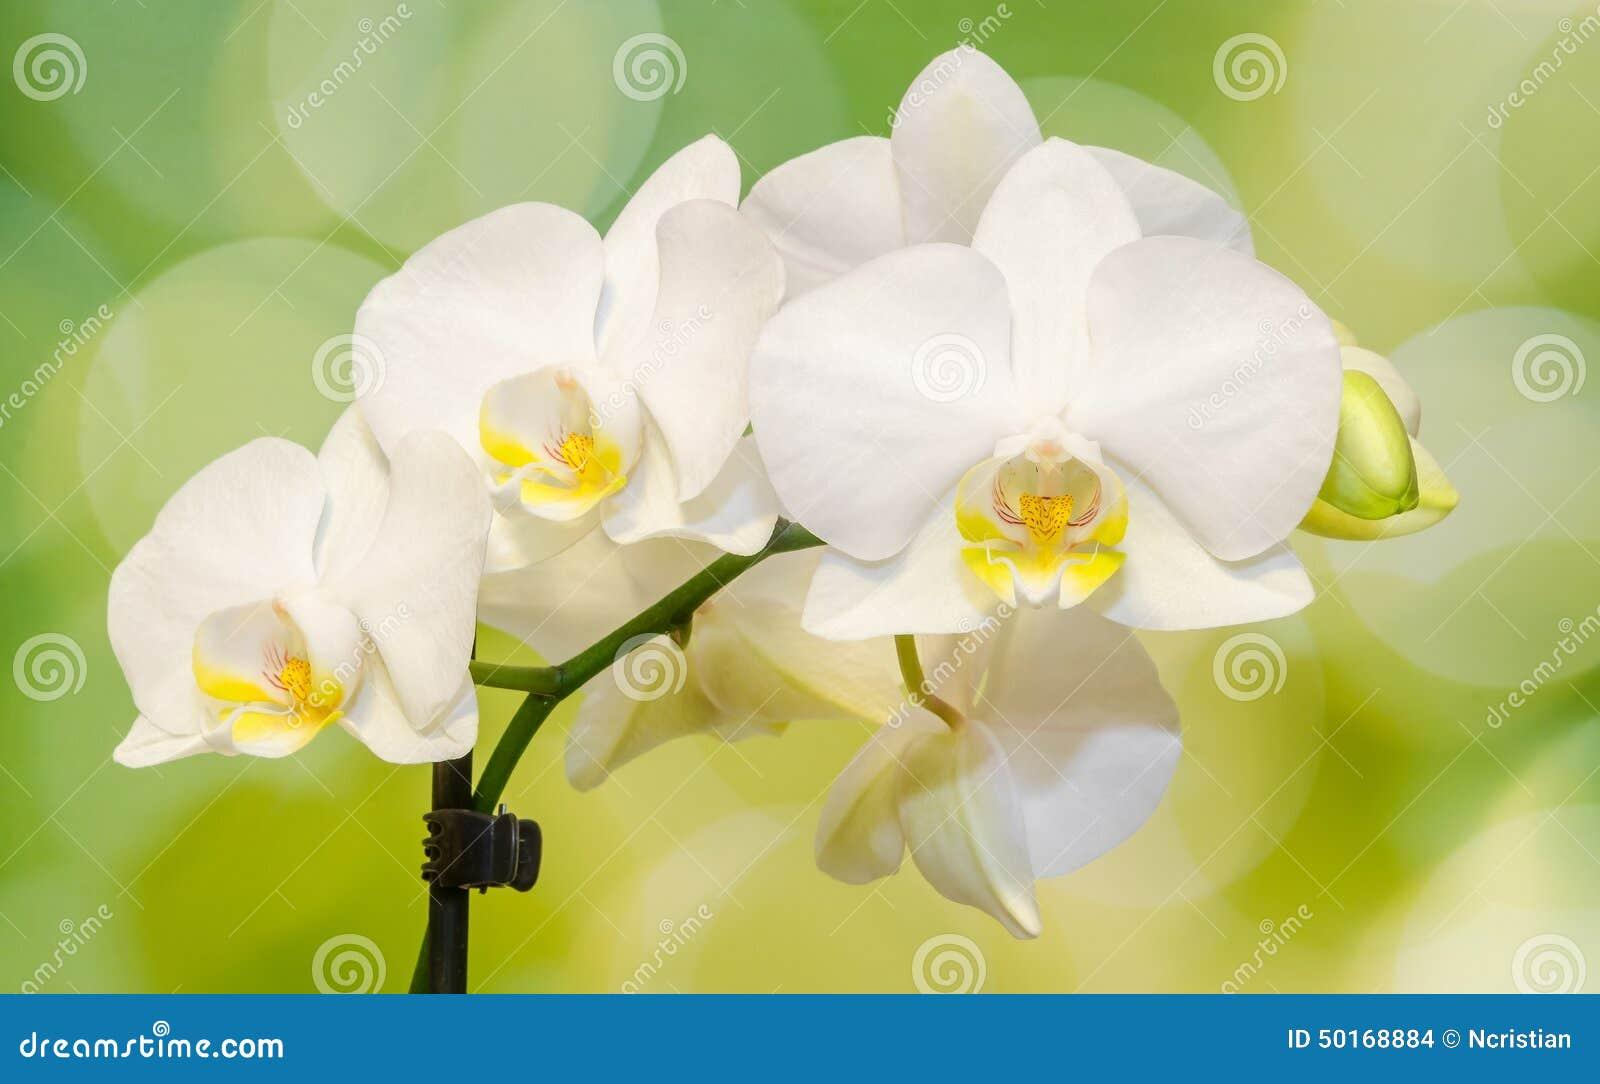 Ο άσπρος κλάδος ορχιδεών ανθίζει, Orchidaceae, Phalaenopsis γνωστό ως ορχιδέα σκώρων, βραχυνμένο Phal Πράσινο φως bokeh